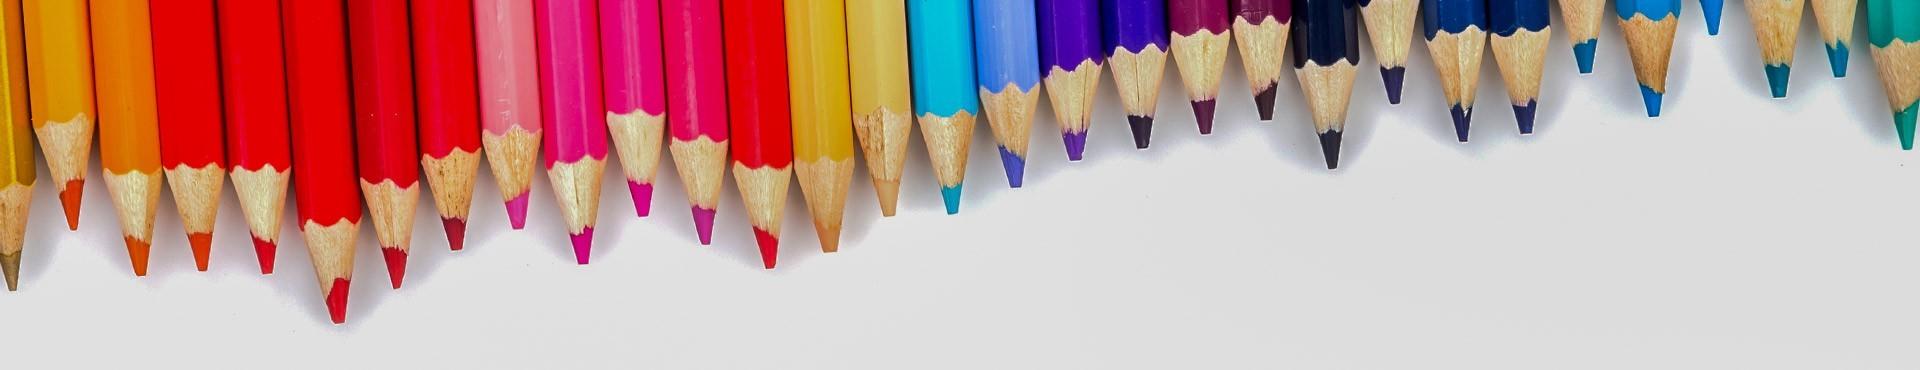 Lápices de Colores Conté Dibujo